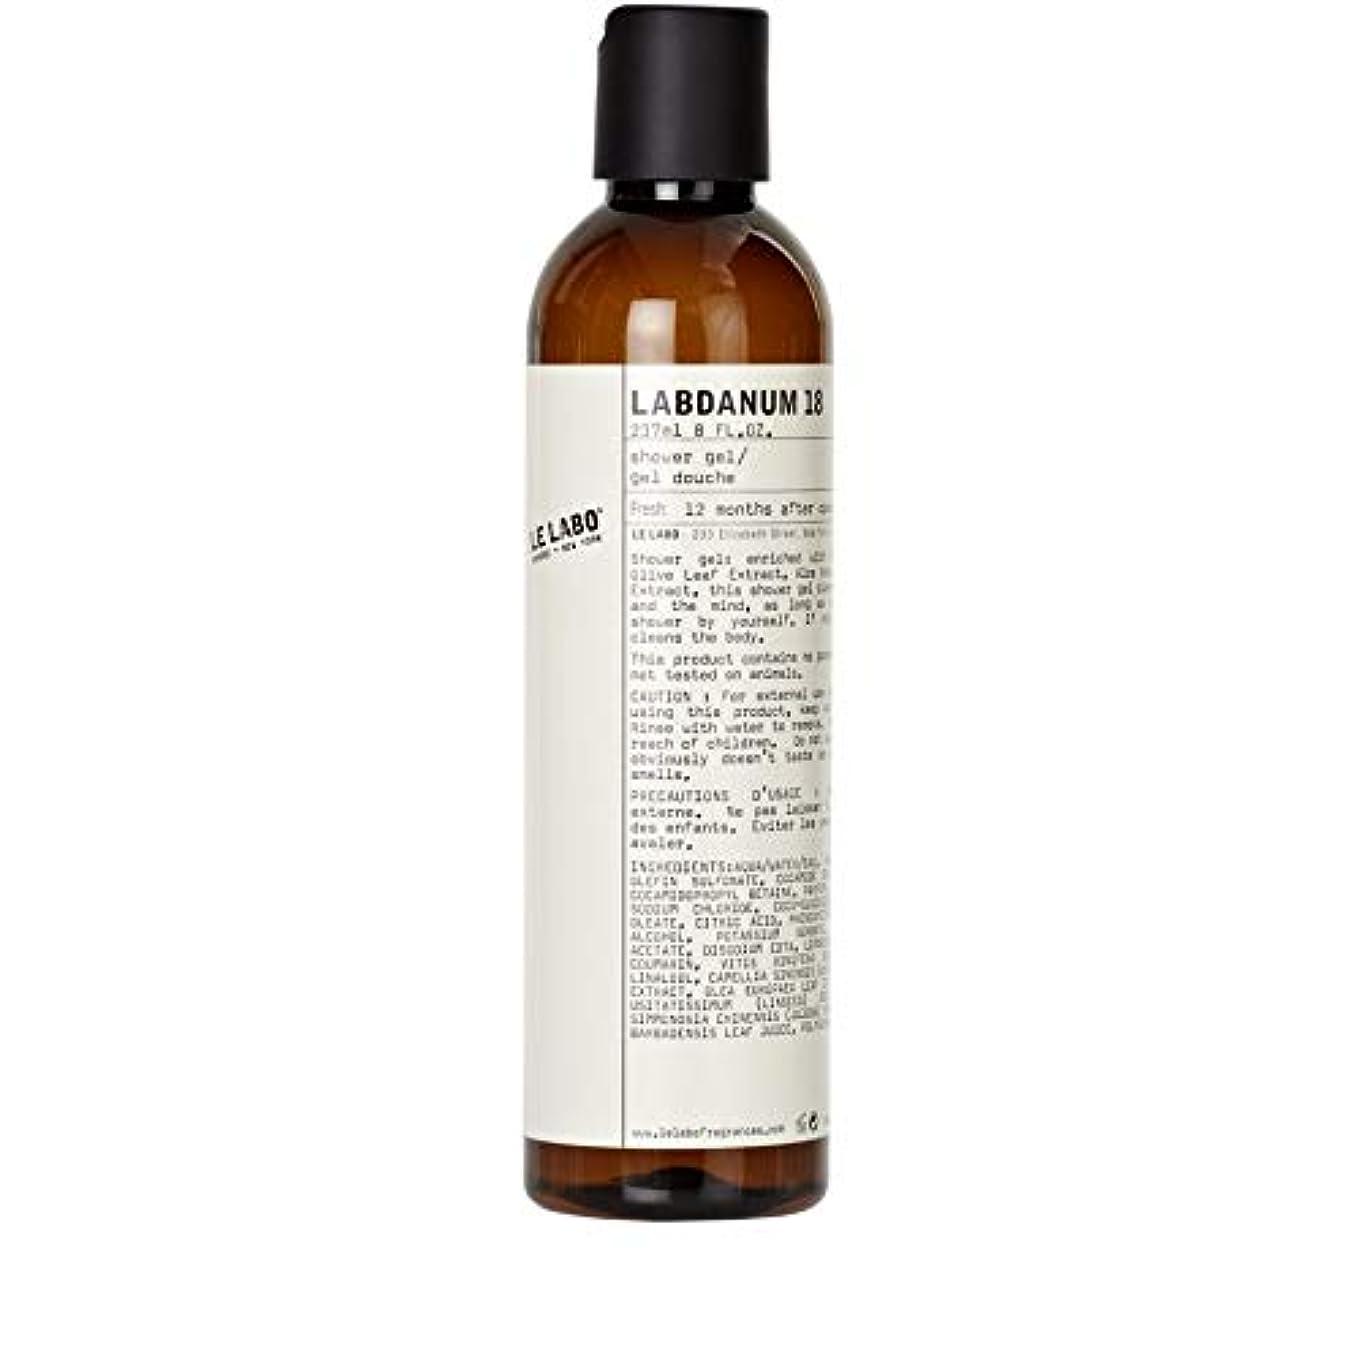 球状本物知人[Le Labo ] ルラボラブダナム18シャワージェル237ミリリットル - Le Labo Labdanum 18 Shower Gel 237ml [並行輸入品]